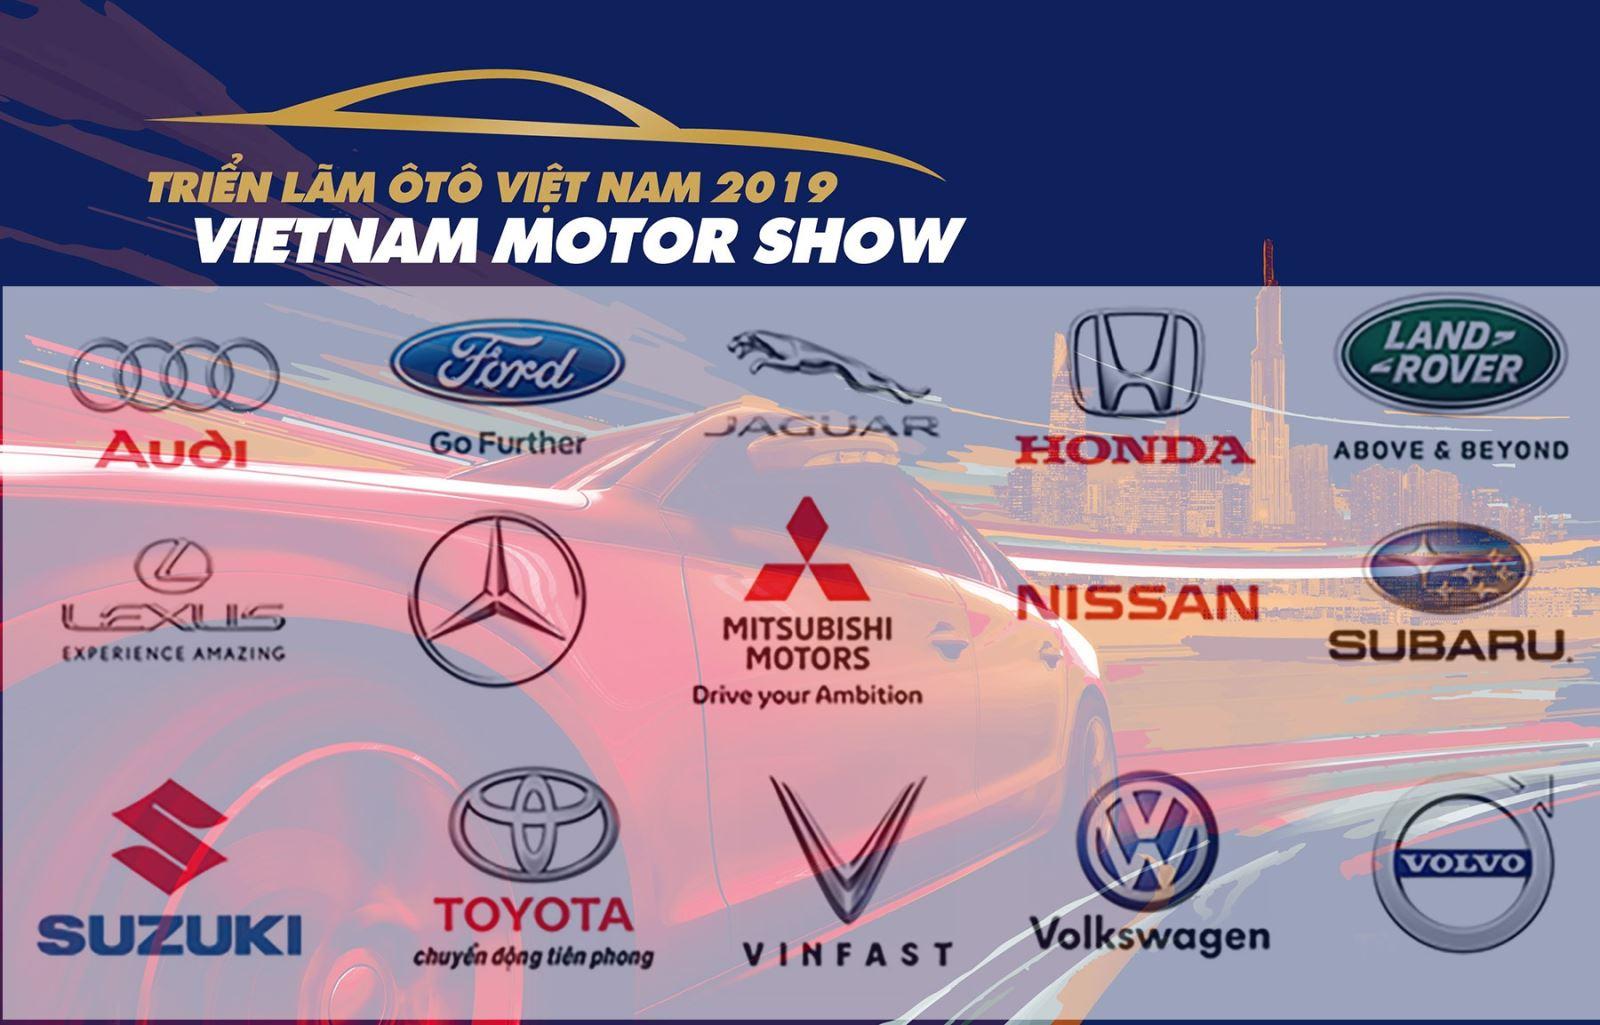 15 thương hiệu ô tô hàng đầu sẽ mang gì đến triển lãm ô tô Việt Nam 2019